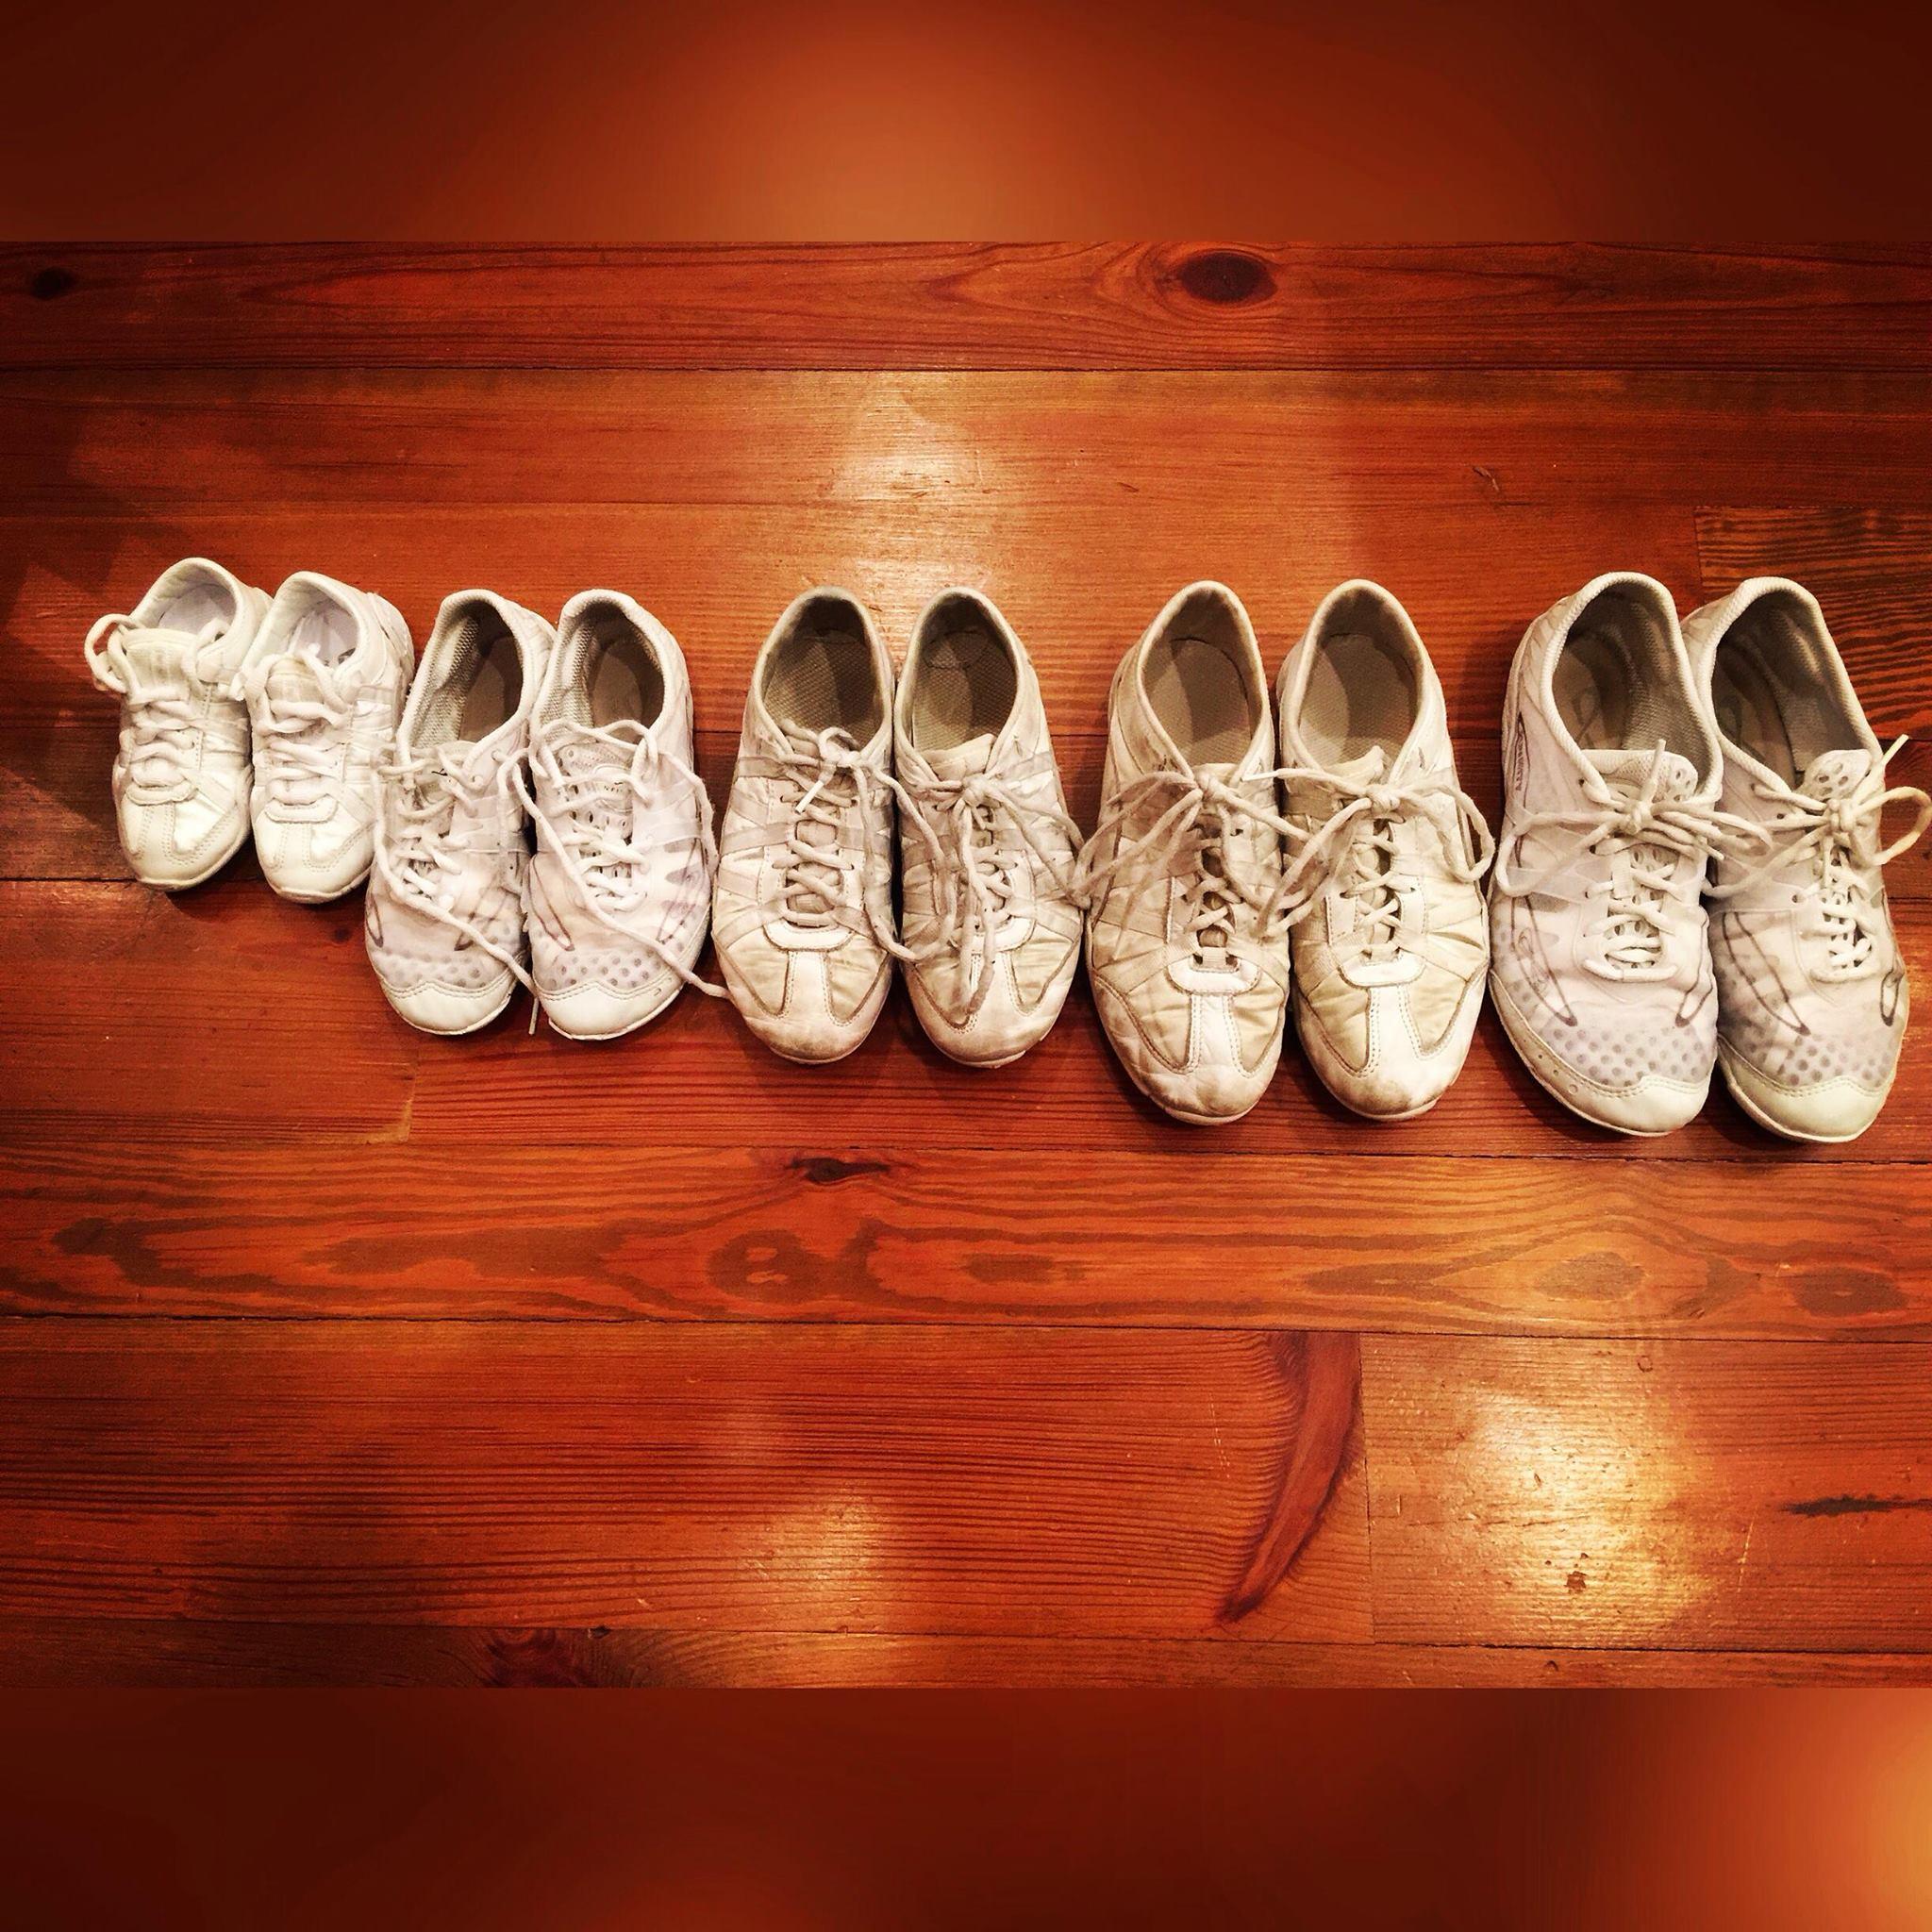 Nfinityshoes.jpg